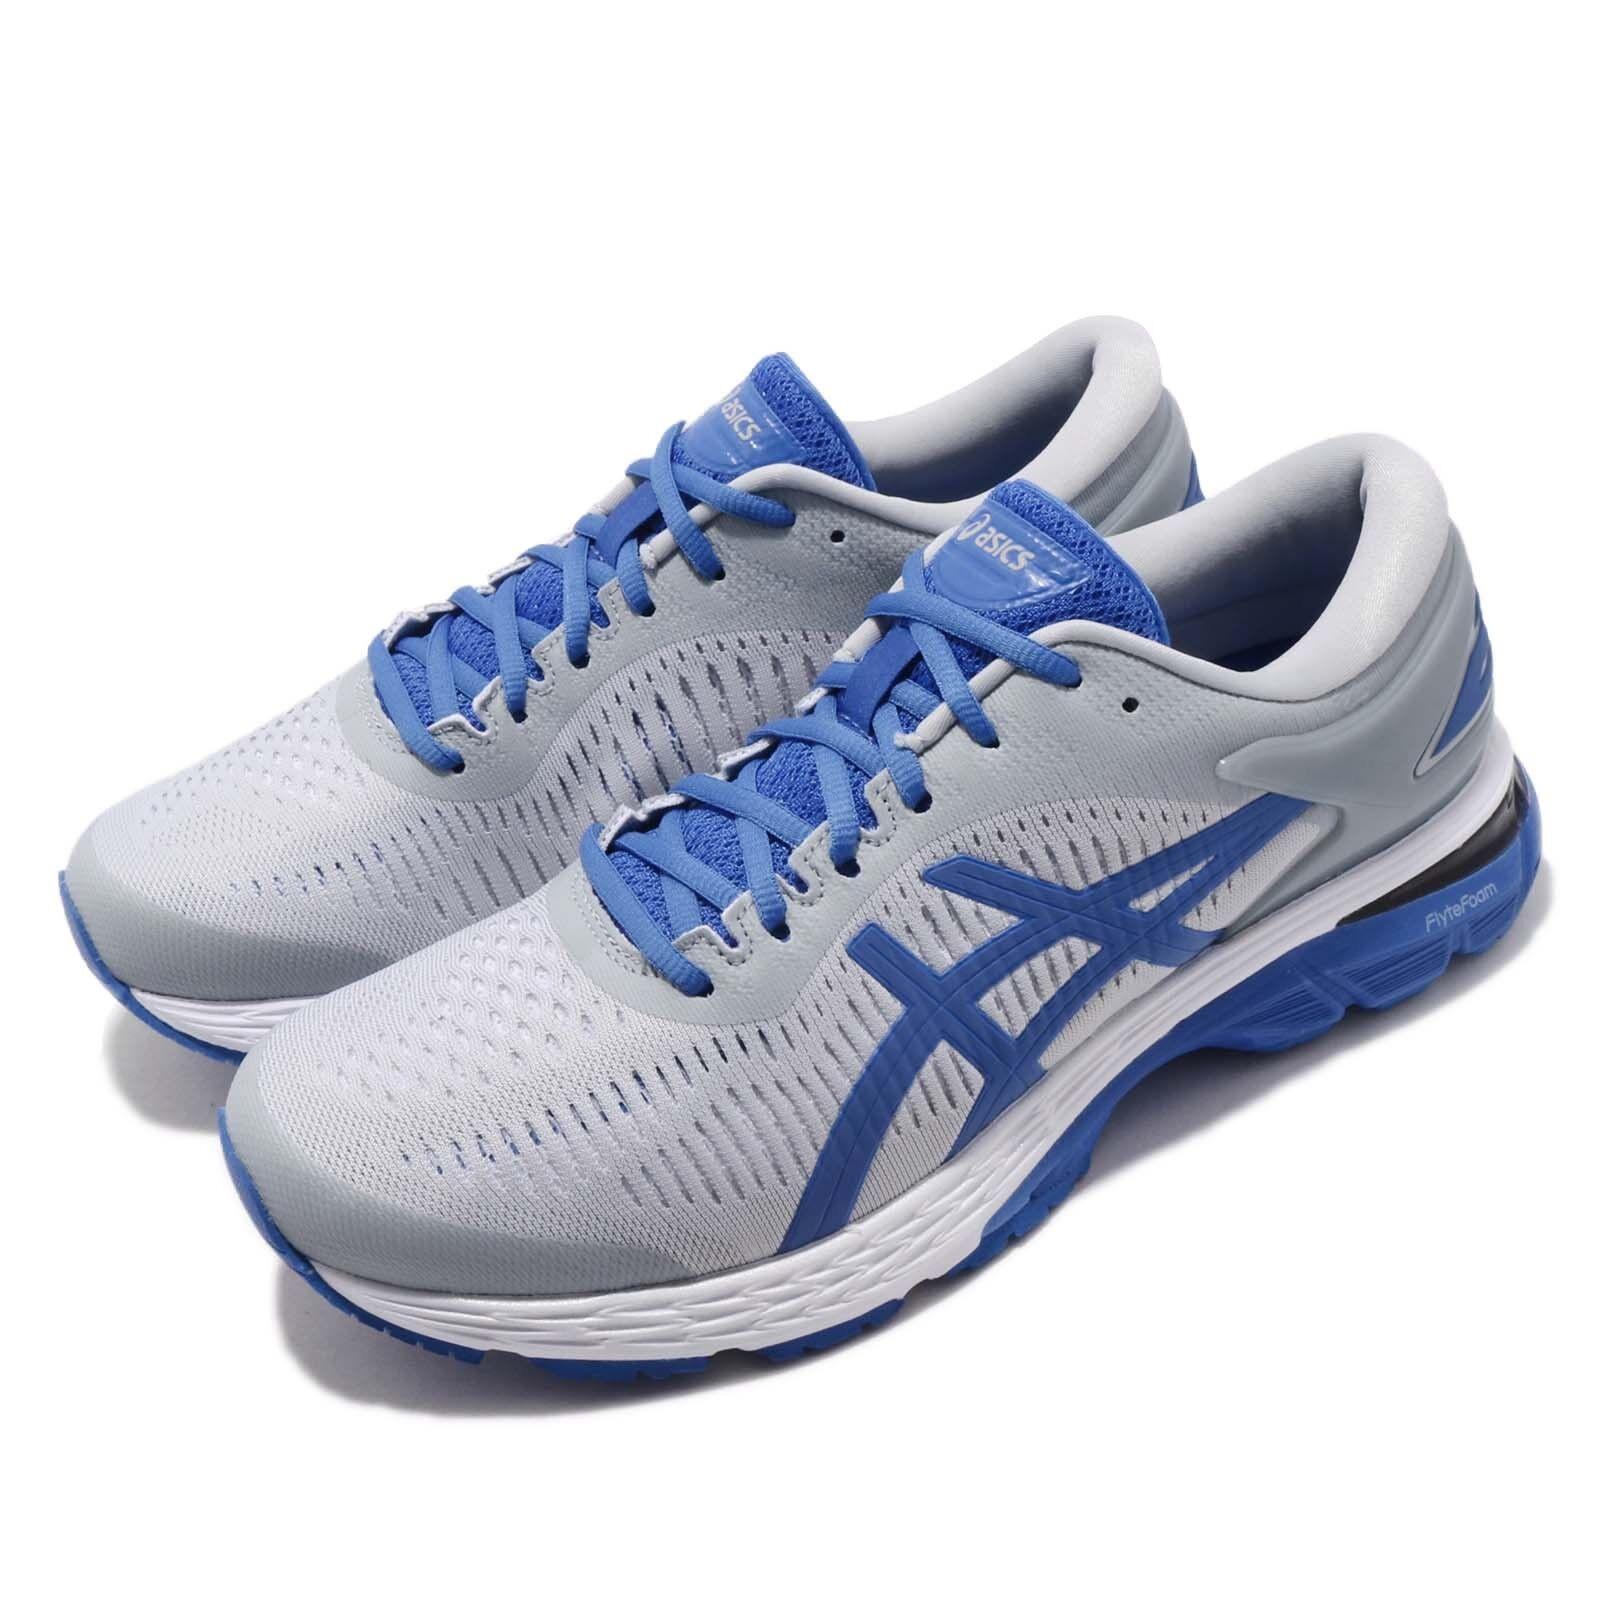 Asics Gel Kayano 25 Lite mostrar gris Azul Hombres Para Zapatos Para Correr Zapatillas 1011A204-020